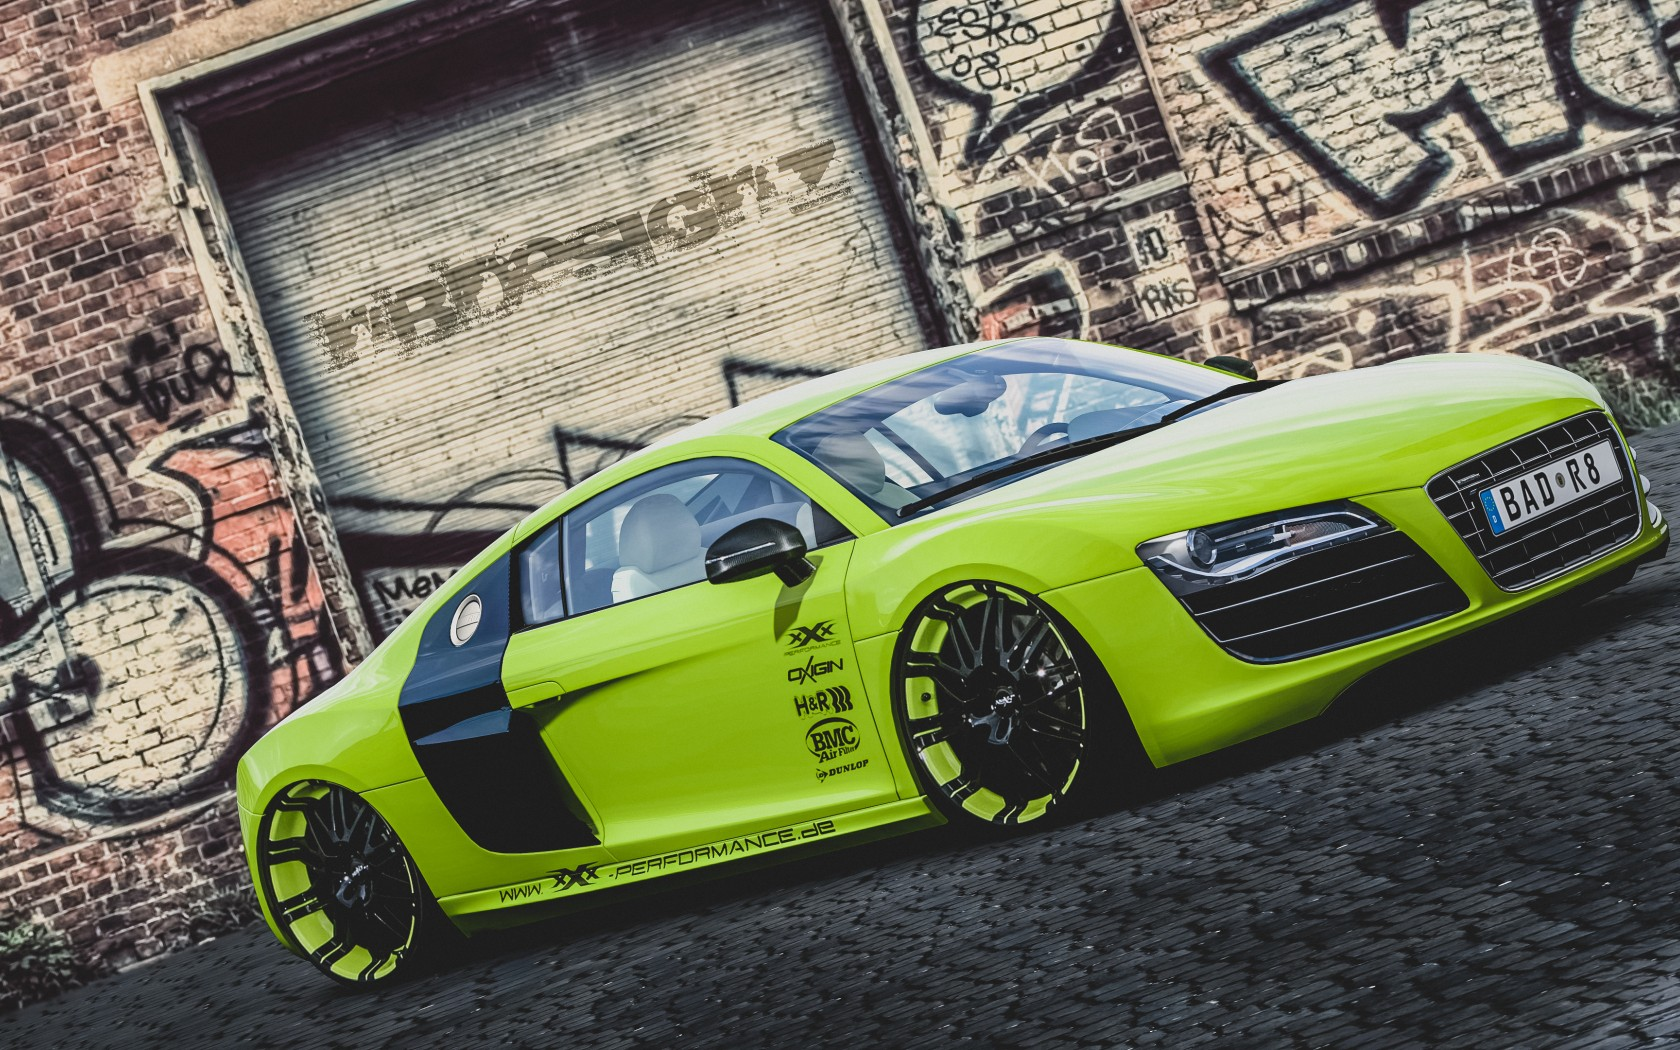 Fondos De Vehiculos: Audi R8 Fondos De Pantalla, Fondos De Escritorio